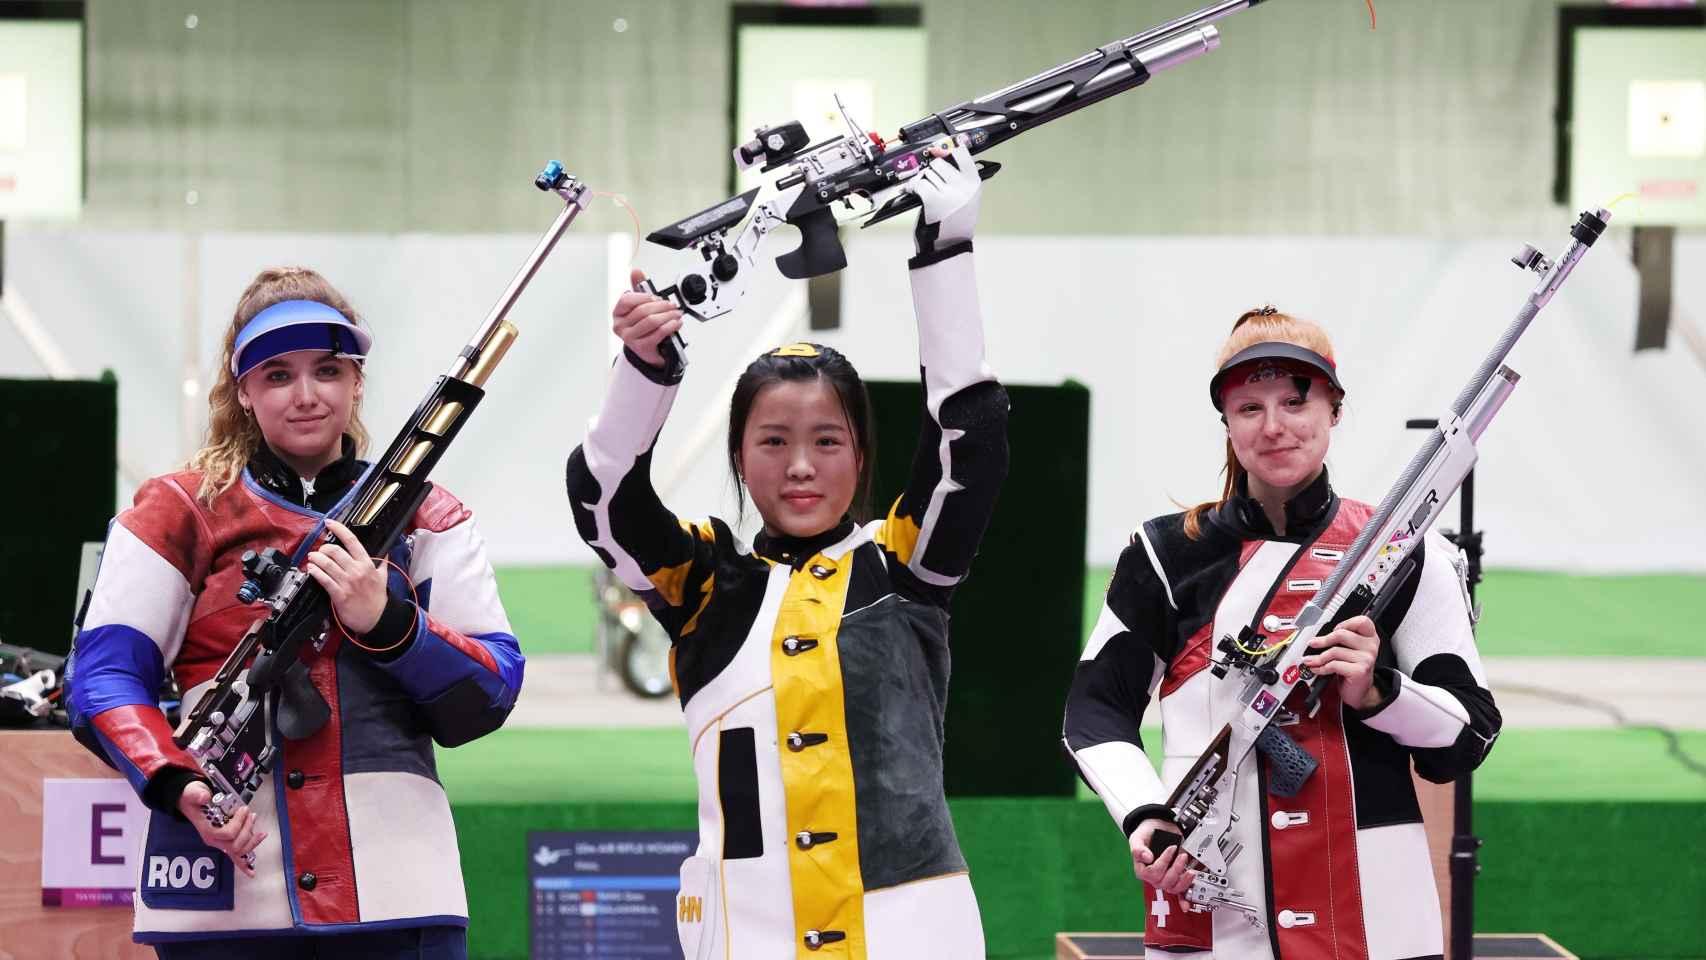 Yang celebra su victoria en rifle en los JJOO de Tokio 2020